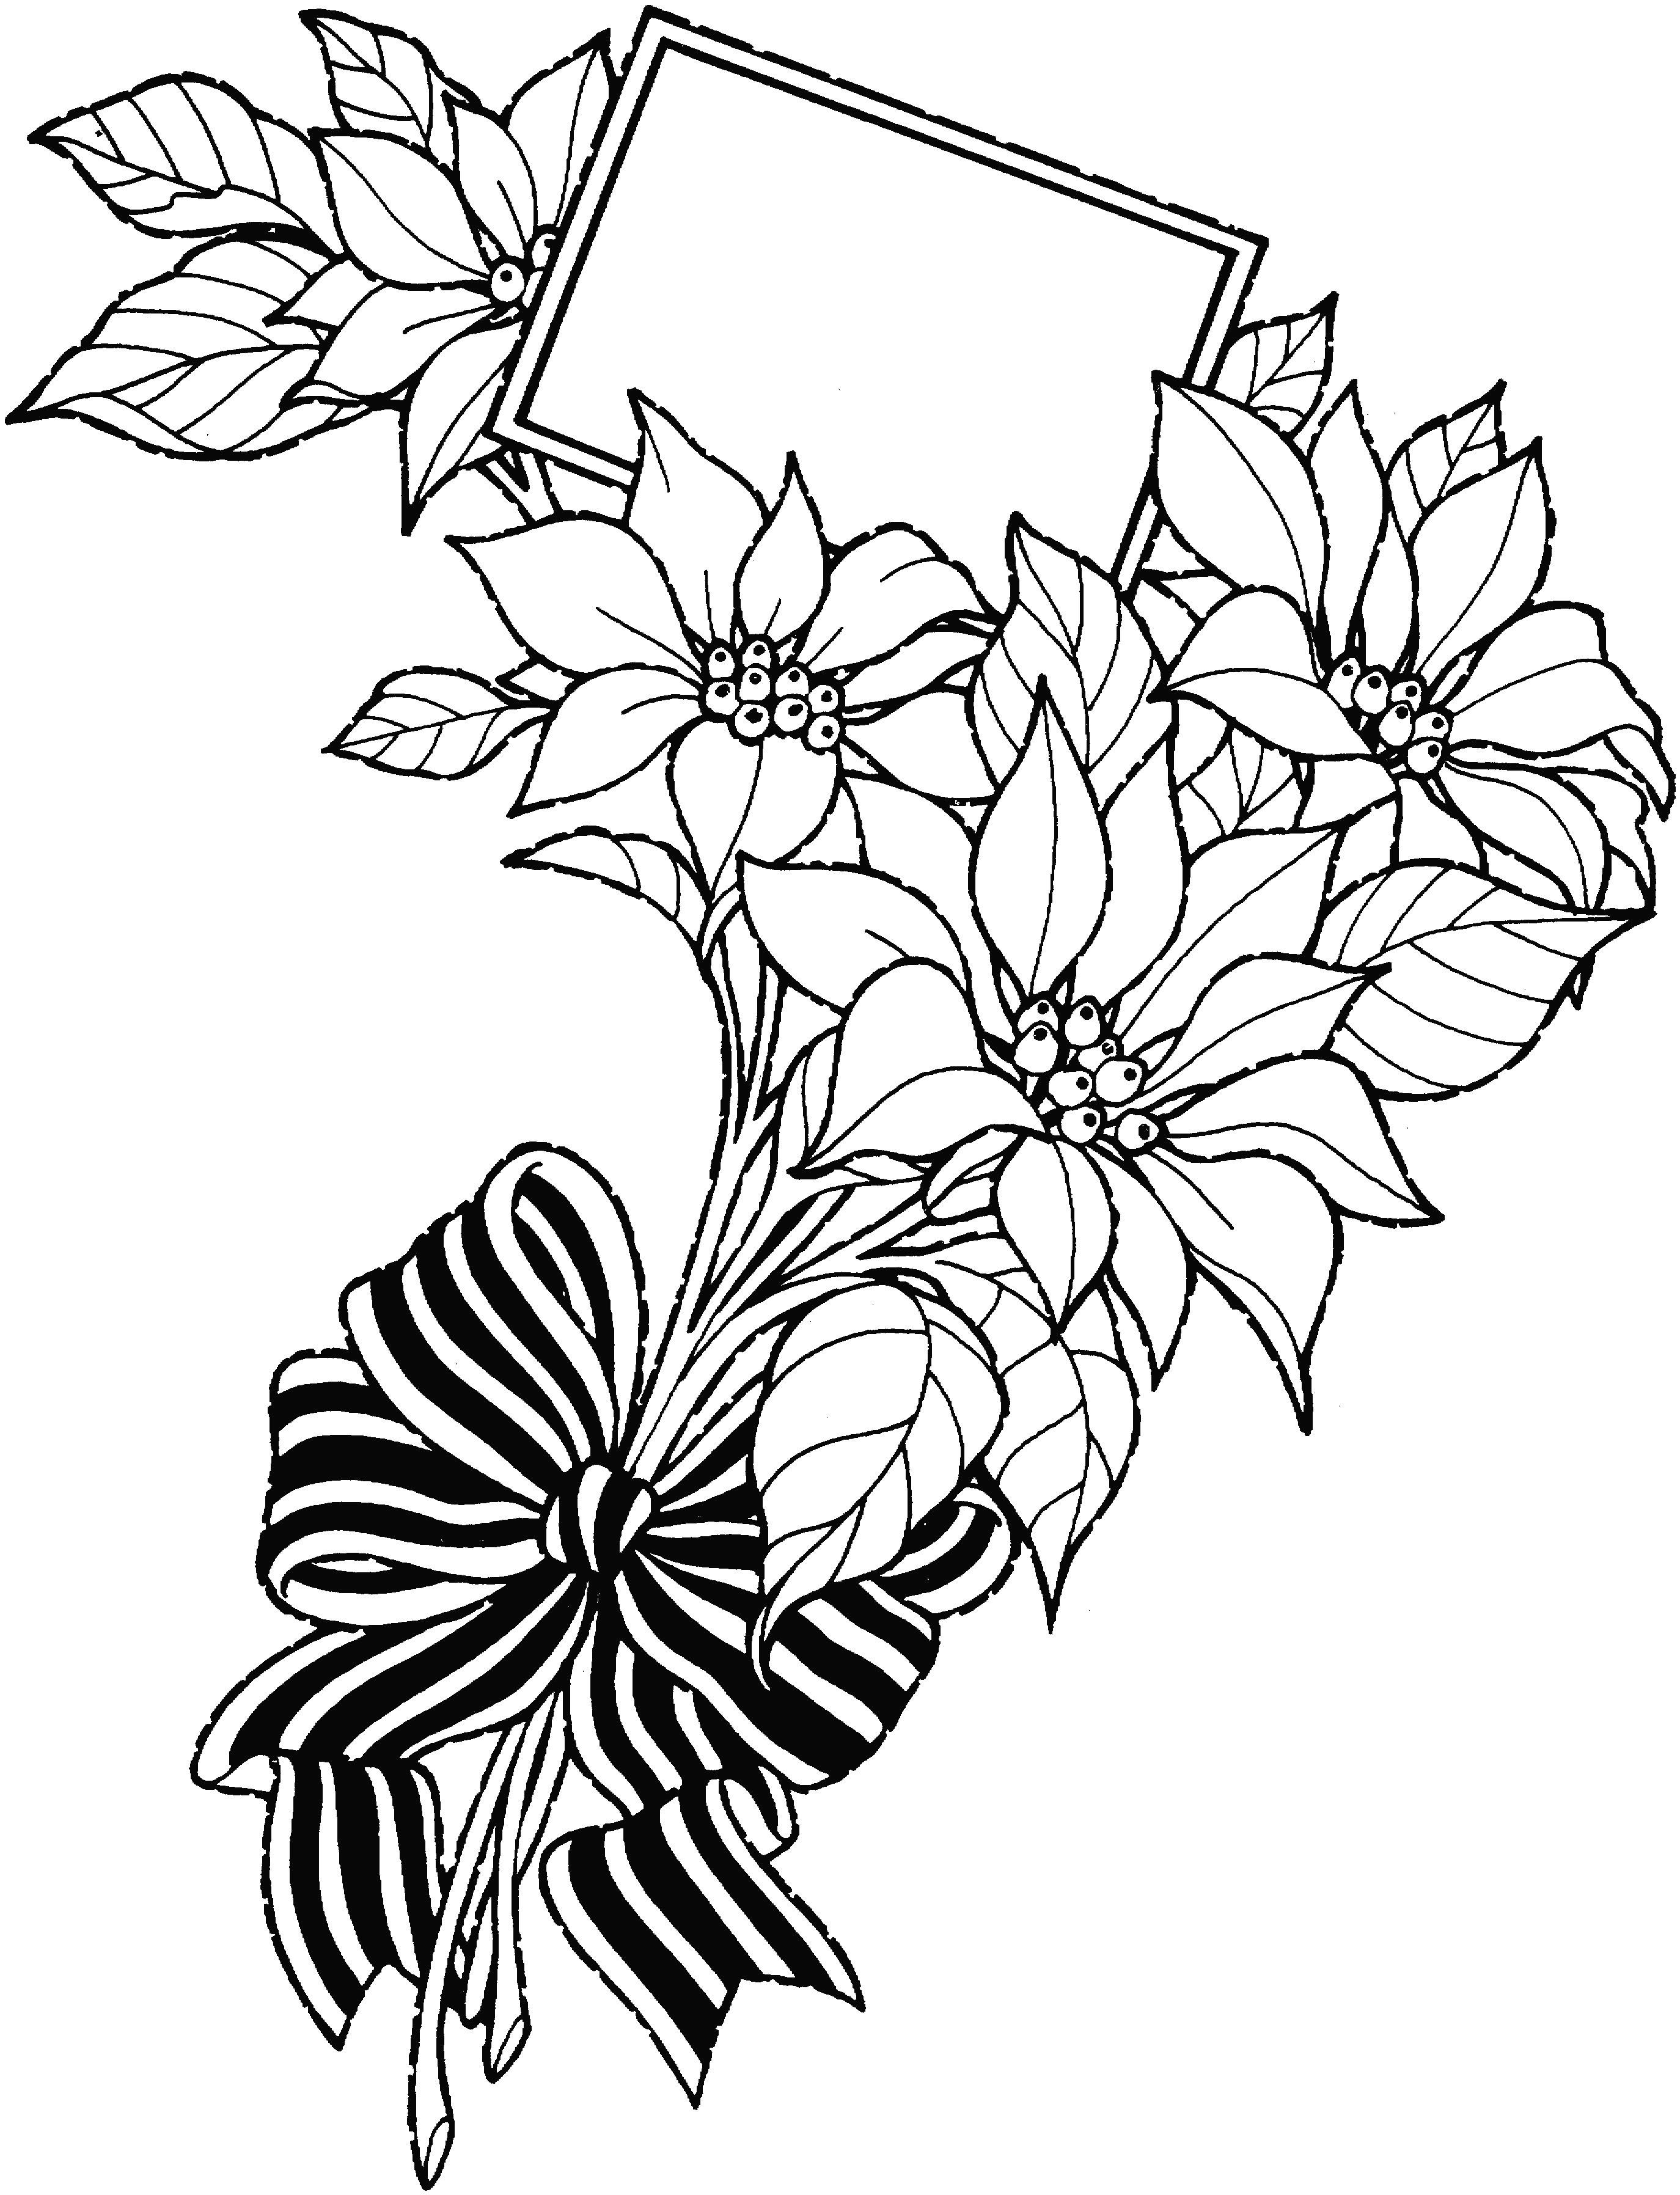 lovely flower picture black and white new vases sketch flower vase i 0d of lovely draw